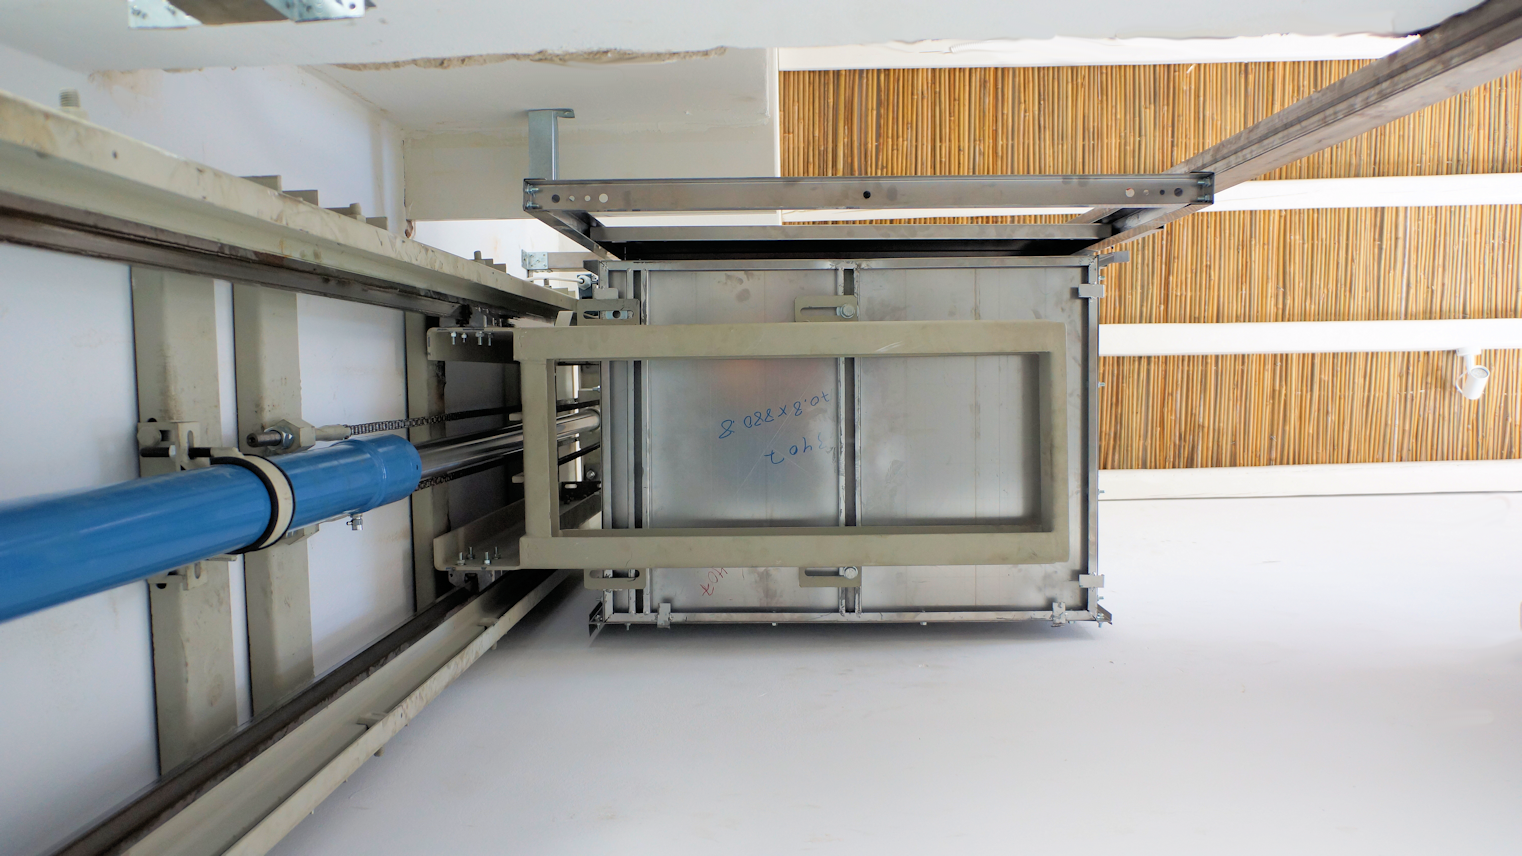 Ανελκυστήρας ασανσερ - Αναβατόριο Mικρού Φορτίου kleemann hellas (4)